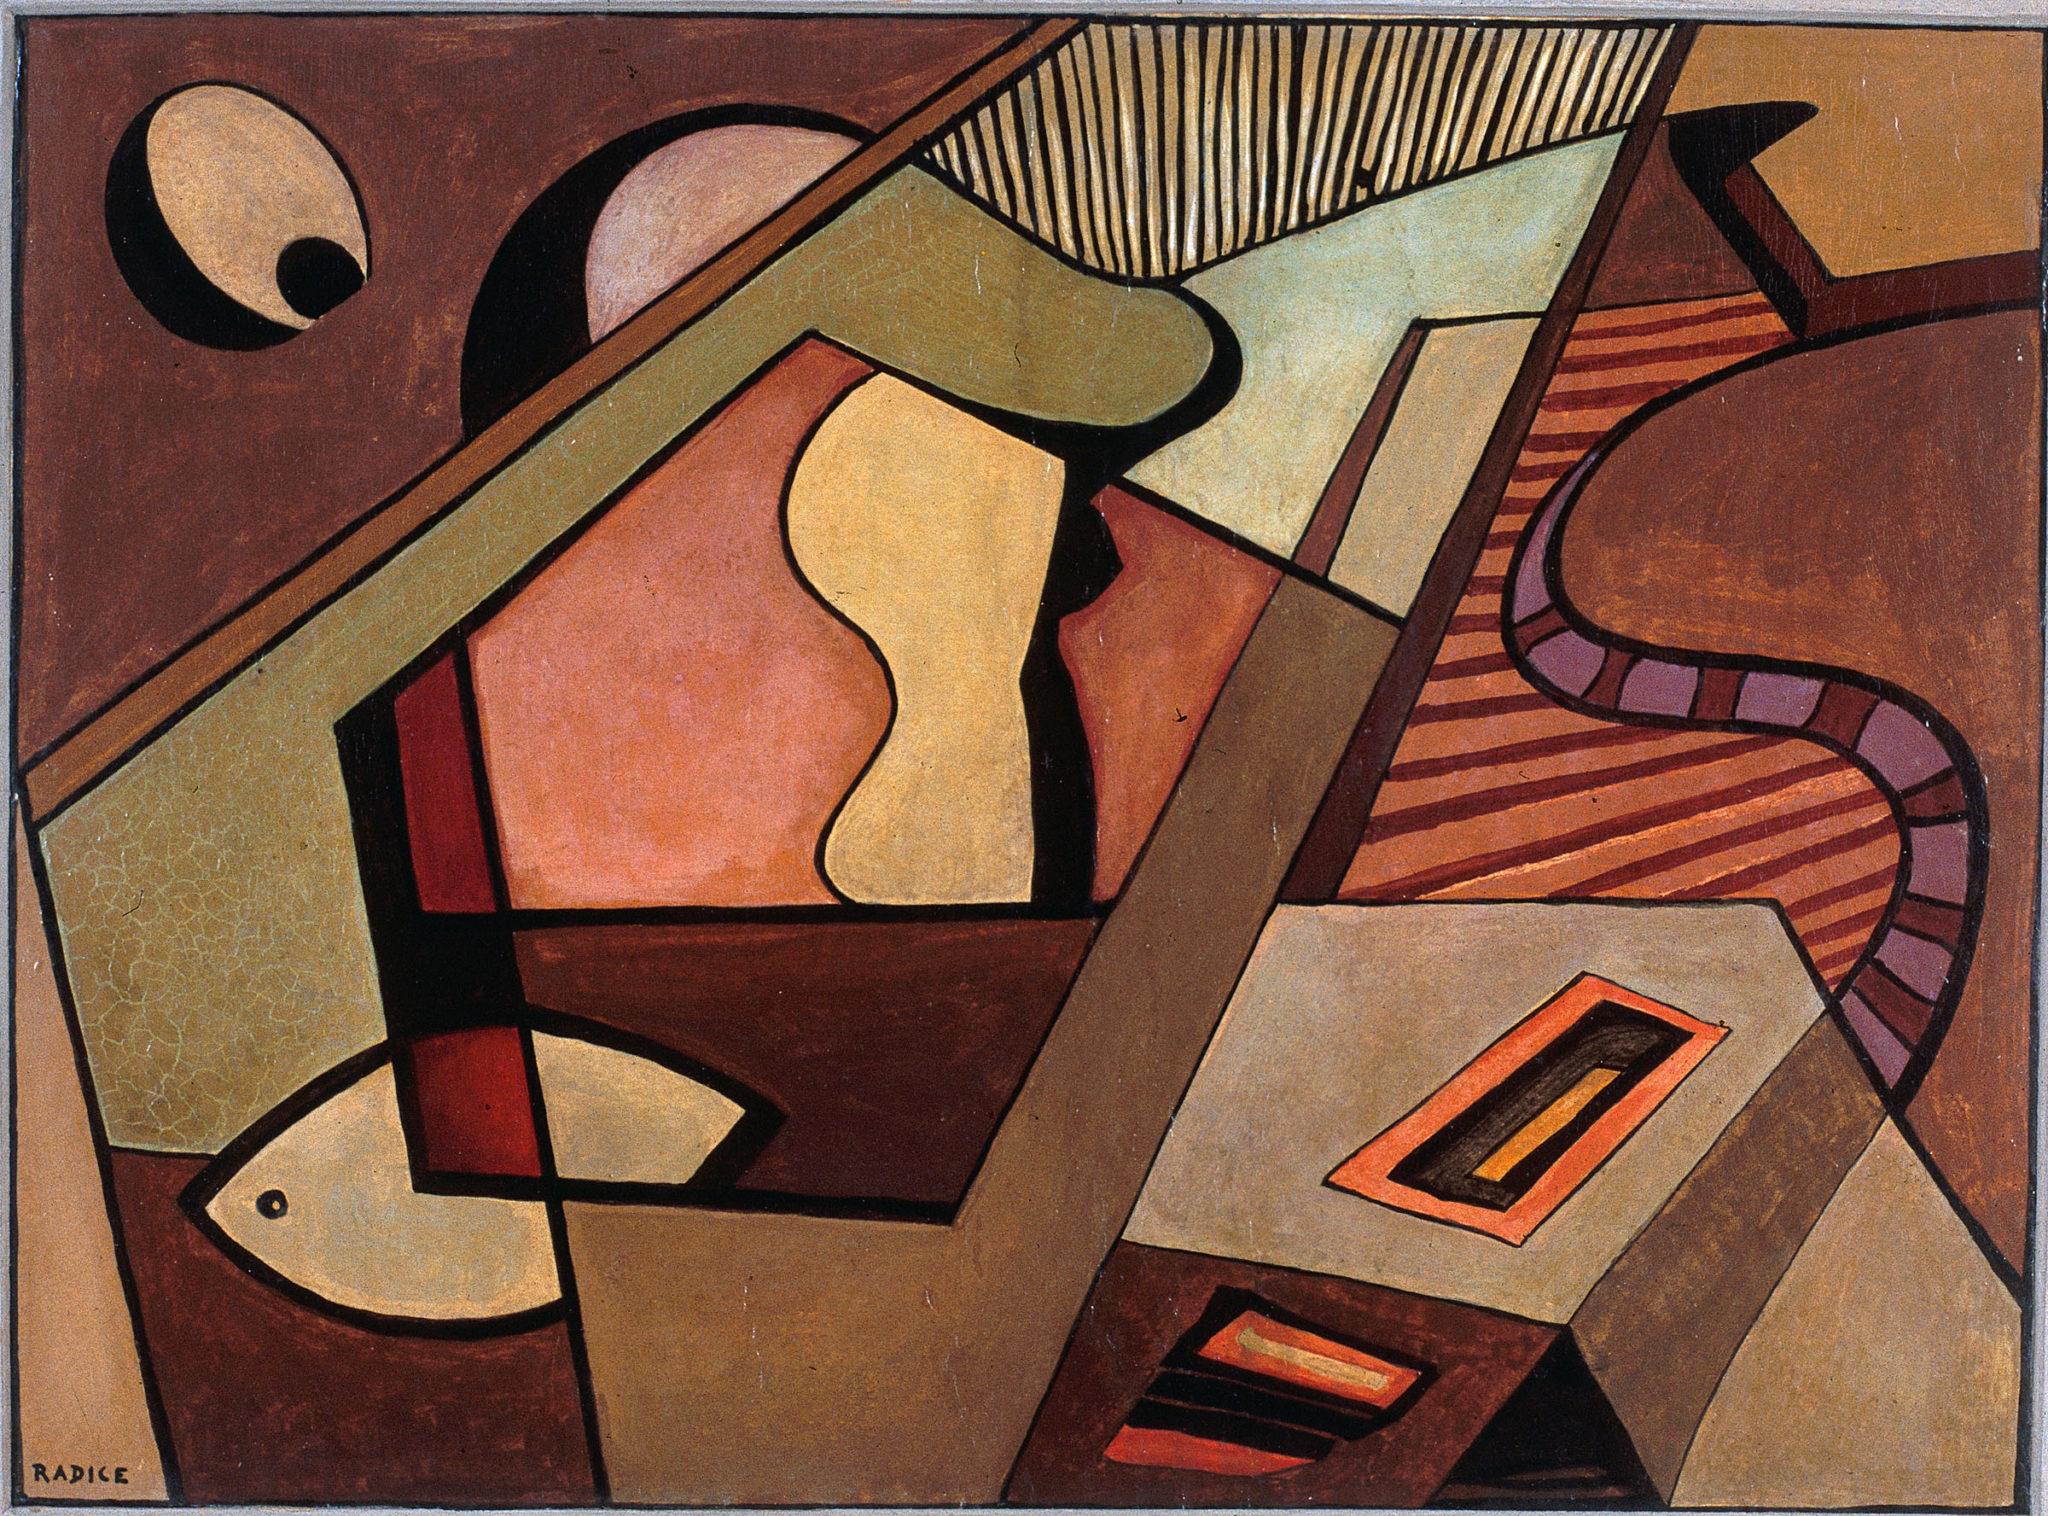 Mario Radice, Composizione pentagonale, 1950.